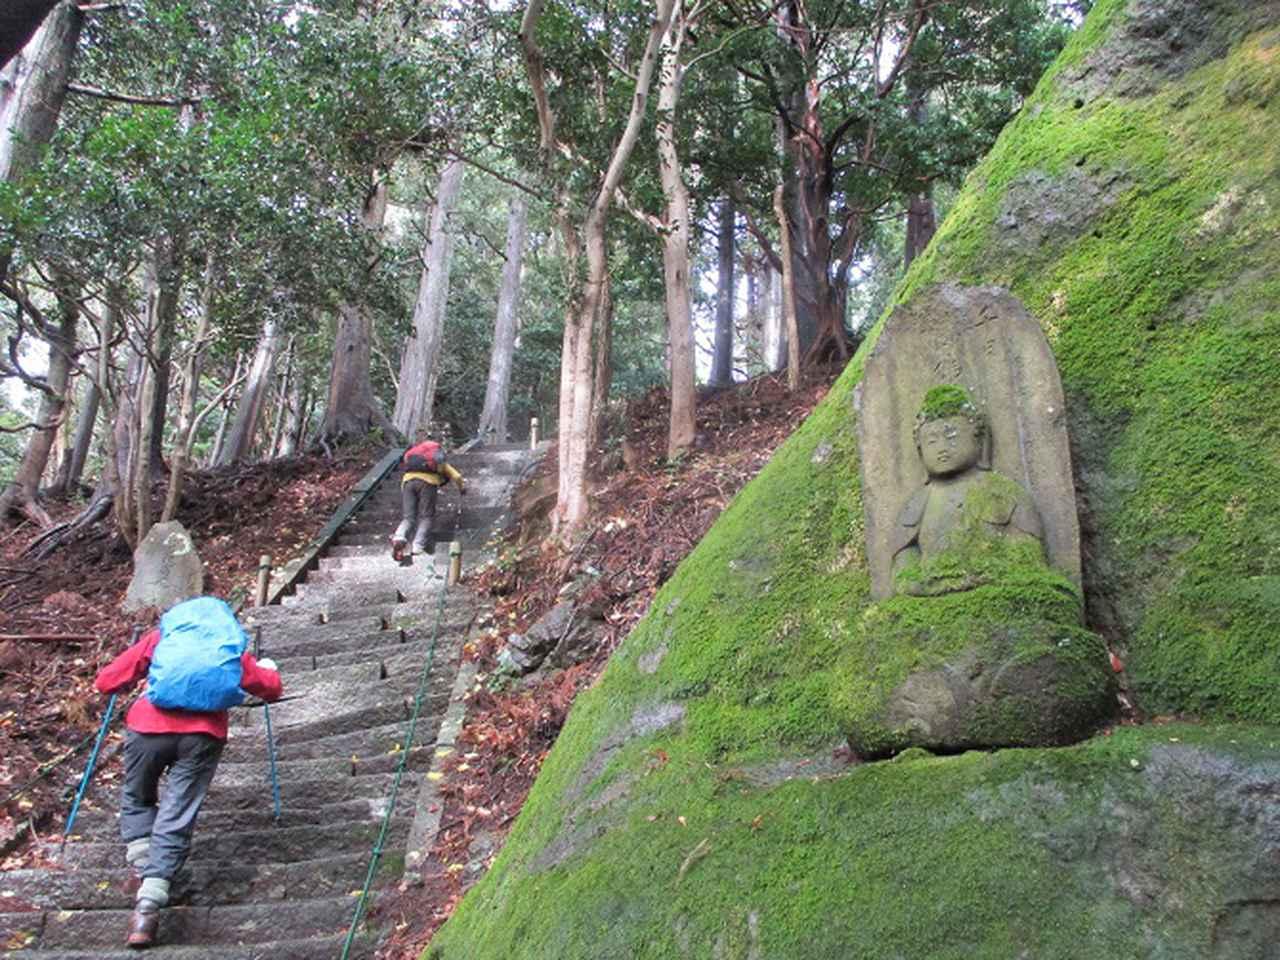 画像3: 12月23日に山旅会 鐘ヶ岳 の2回目のツアーに行ってきました!